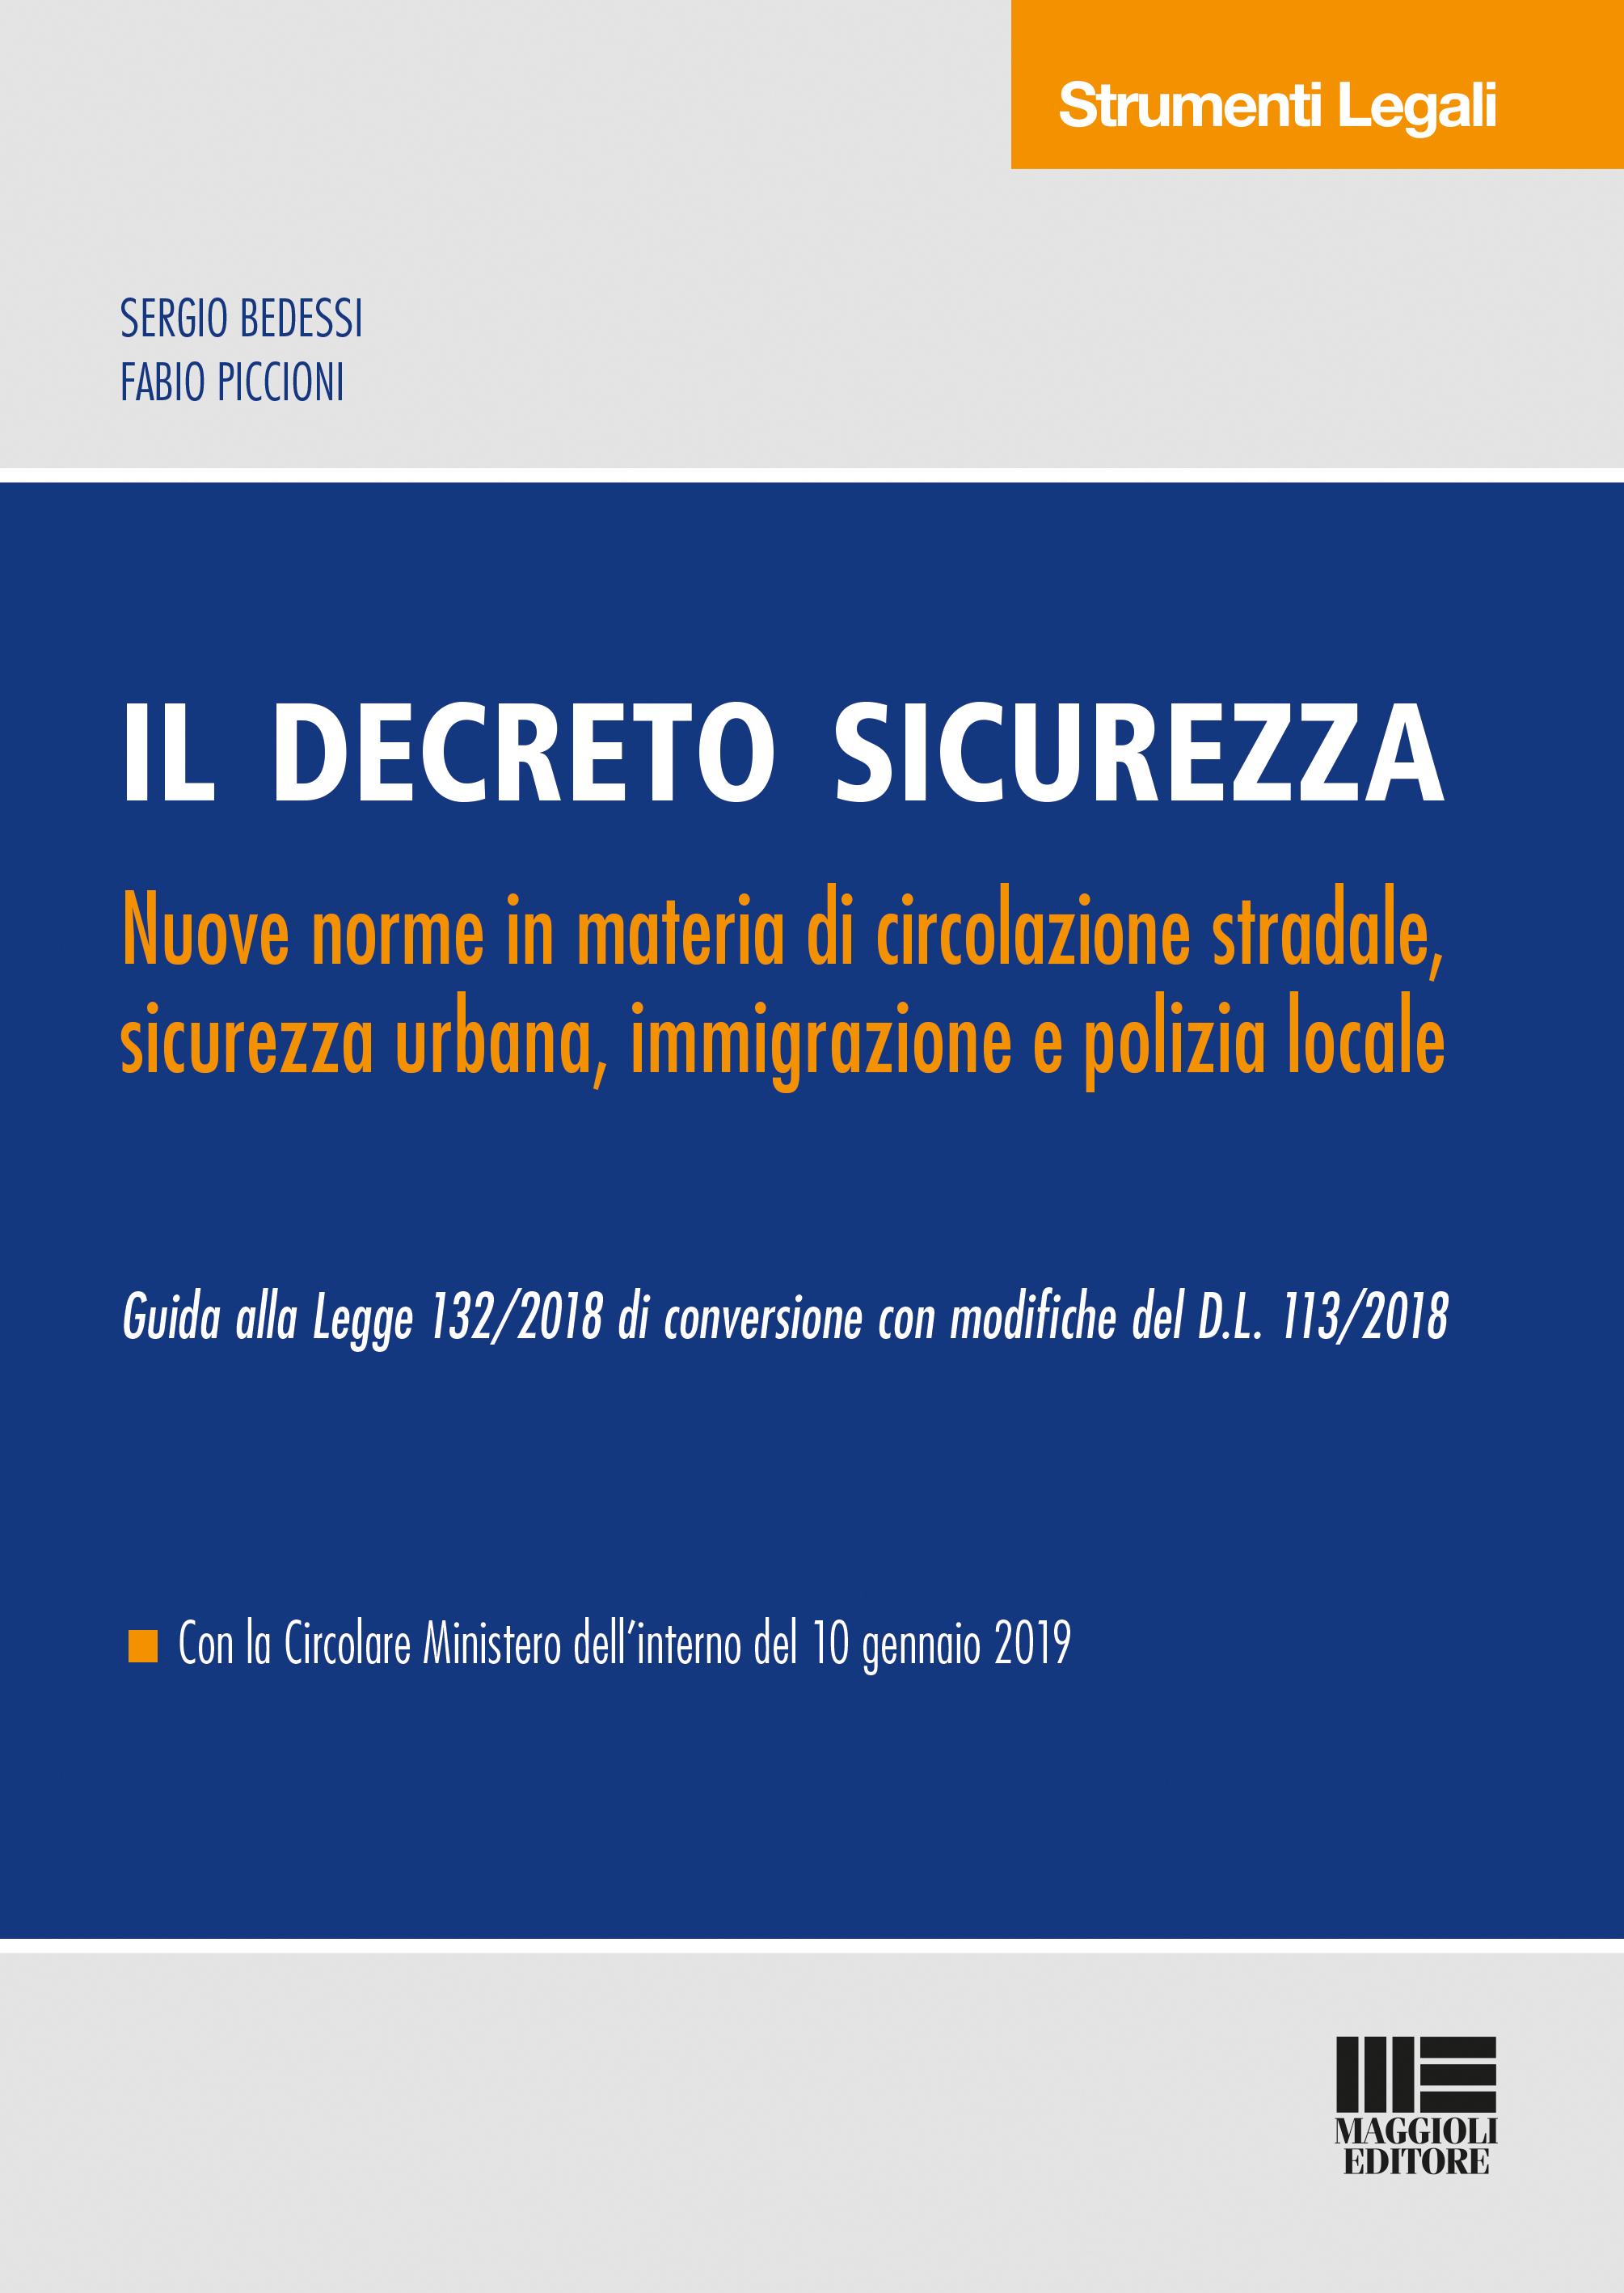 Il decreto sicurezza - Libro di carta